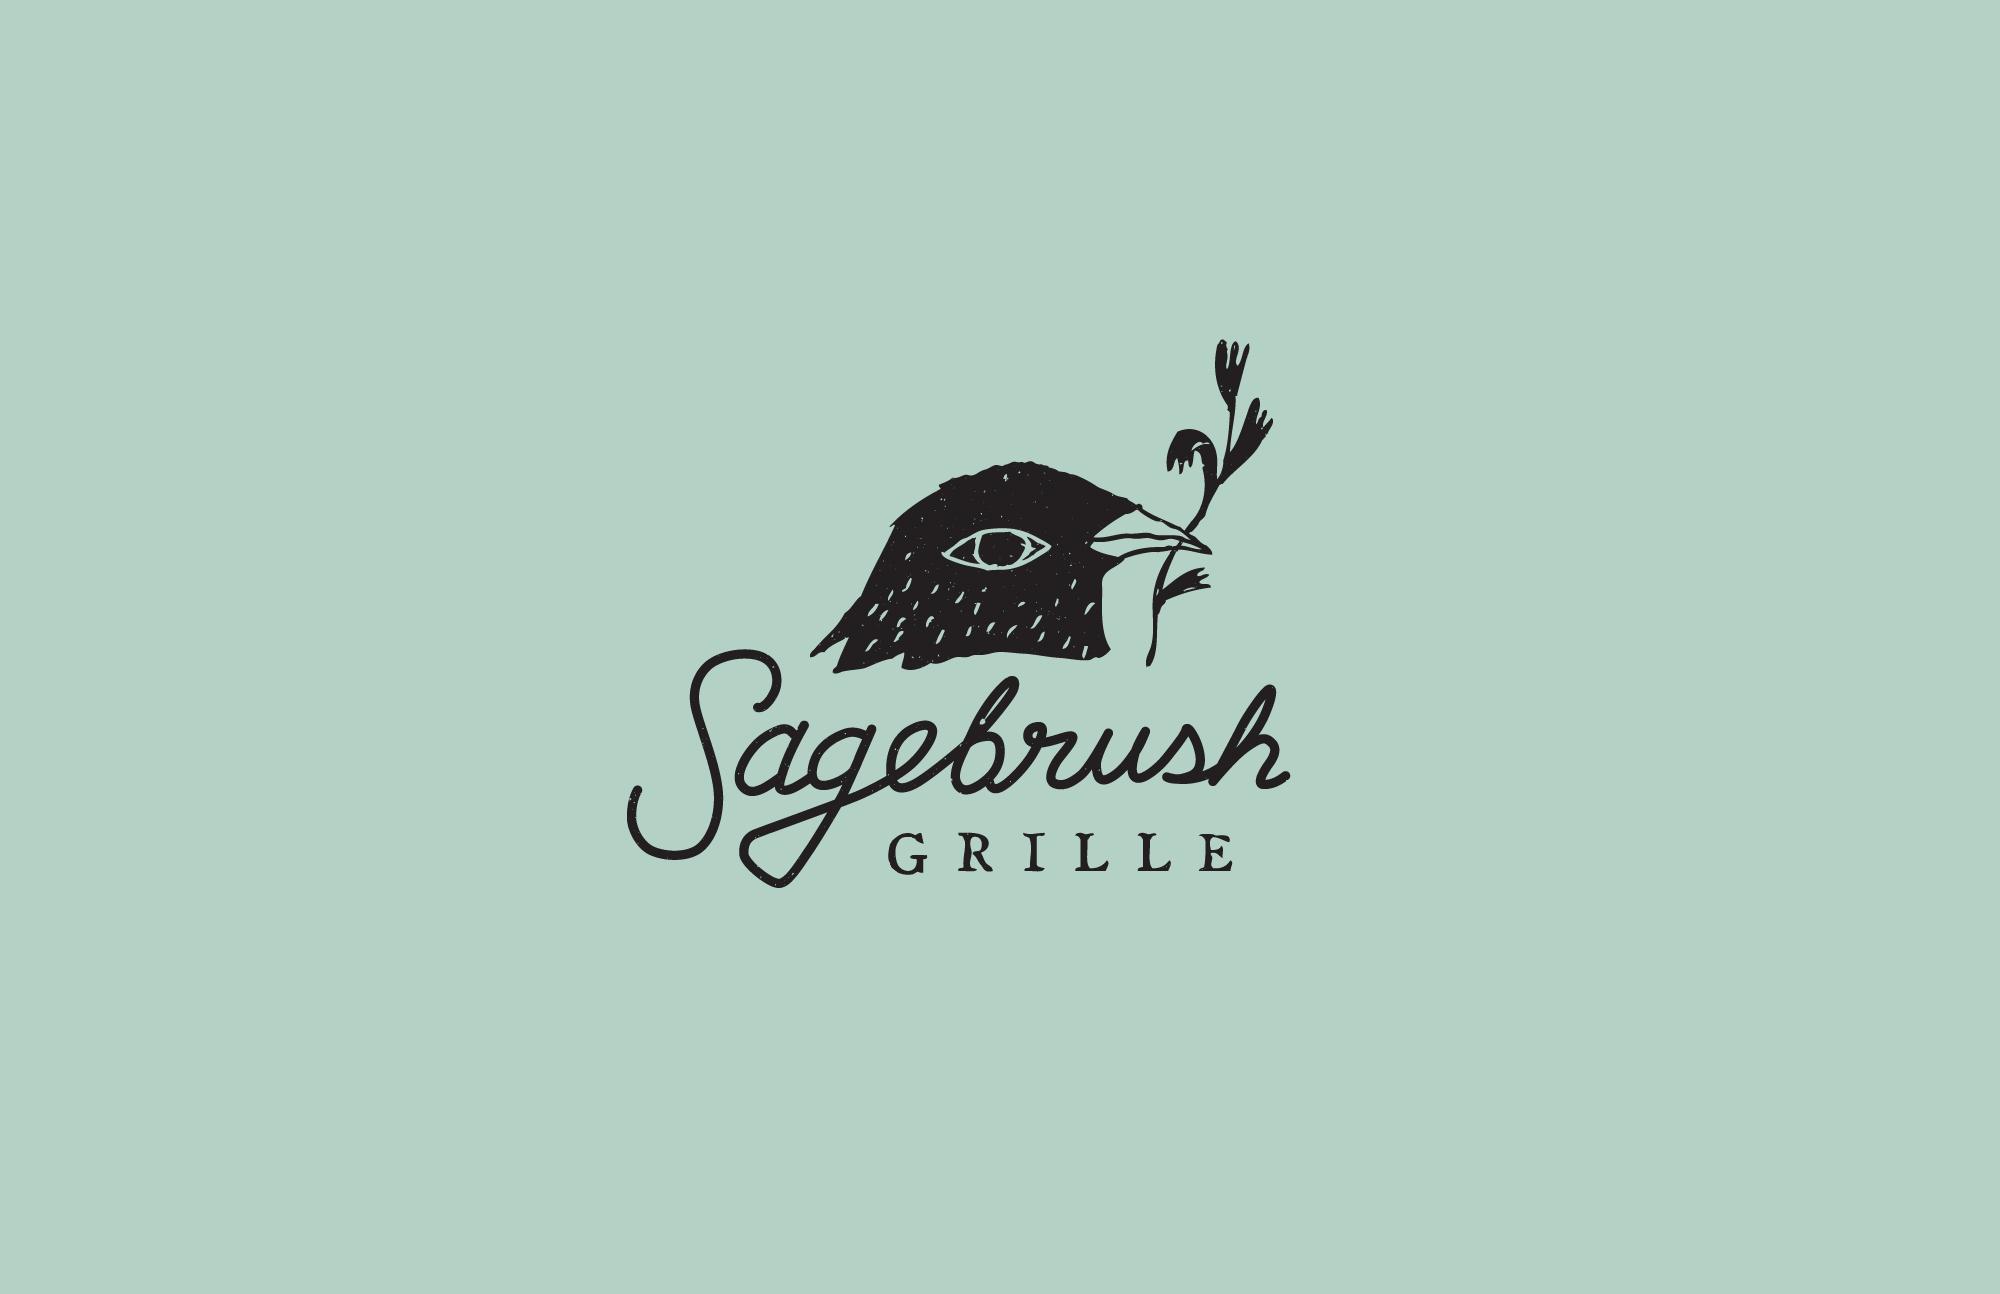 viscayawagner_select_sagebrush-grille_01.jpg